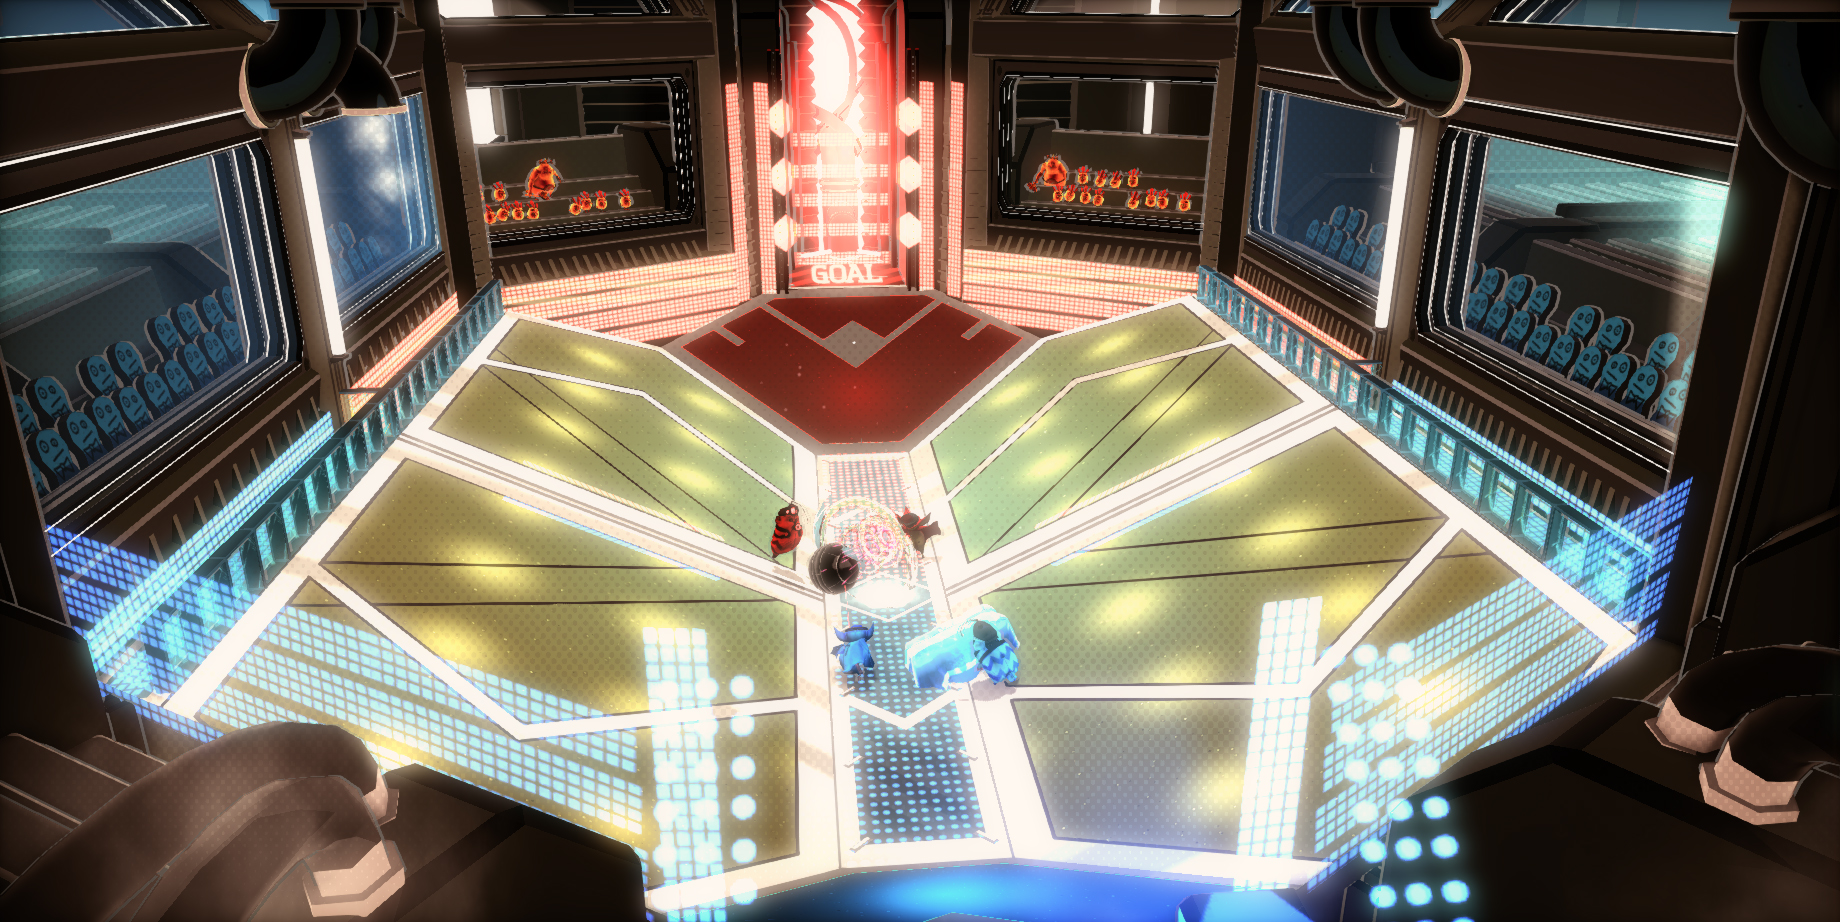 com.steam.253690-screenshot